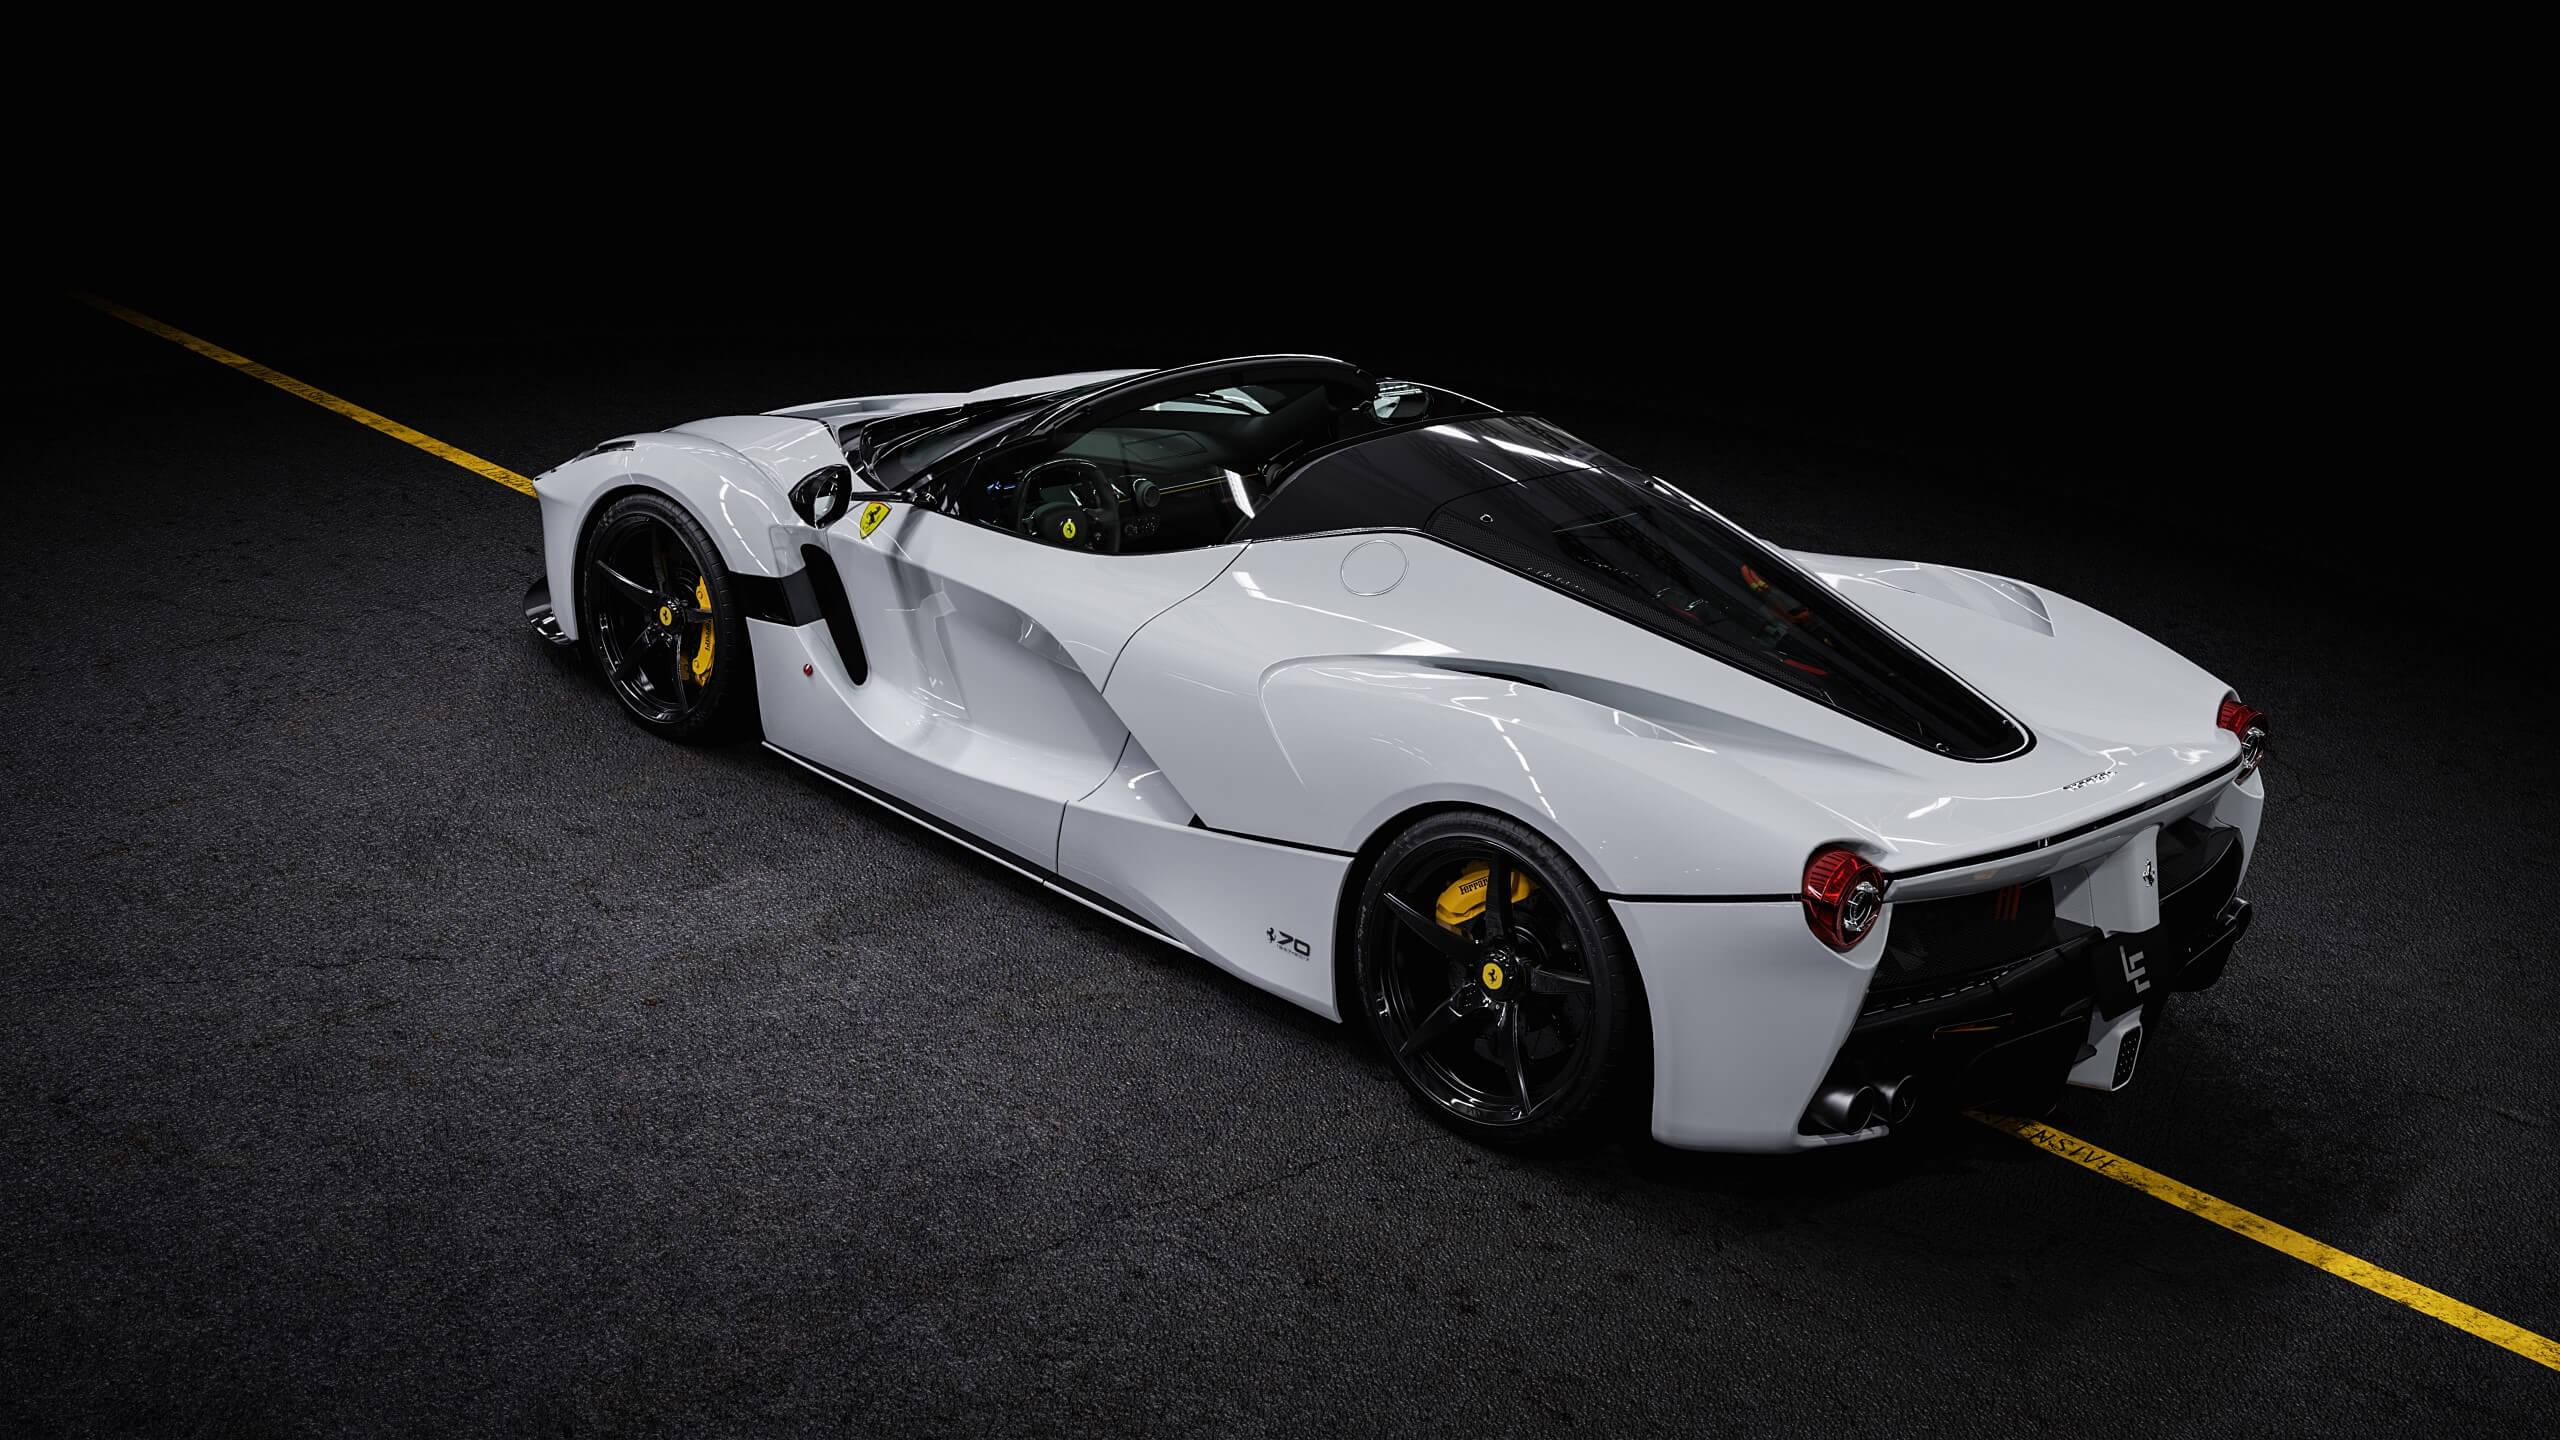 Ferrari Laferrari Aperta White Delivery Miles Us Specs For Sale